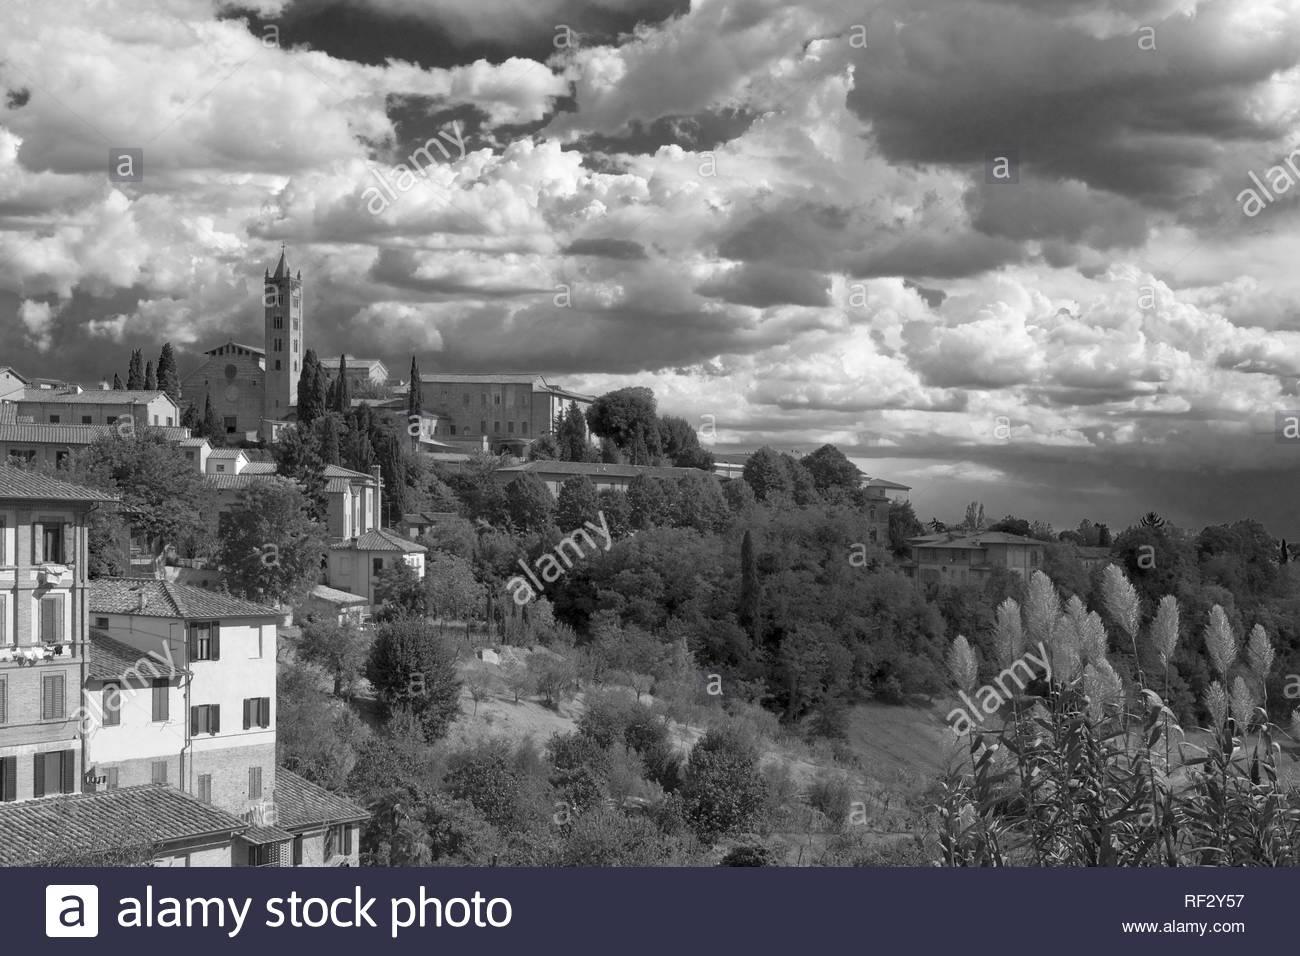 The tower of Santa Maria dei Servi in the Contrada di Valdimontone, from the Piazza del Mercato, Siena, Tuscany, Italy: black and white version - Stock Image